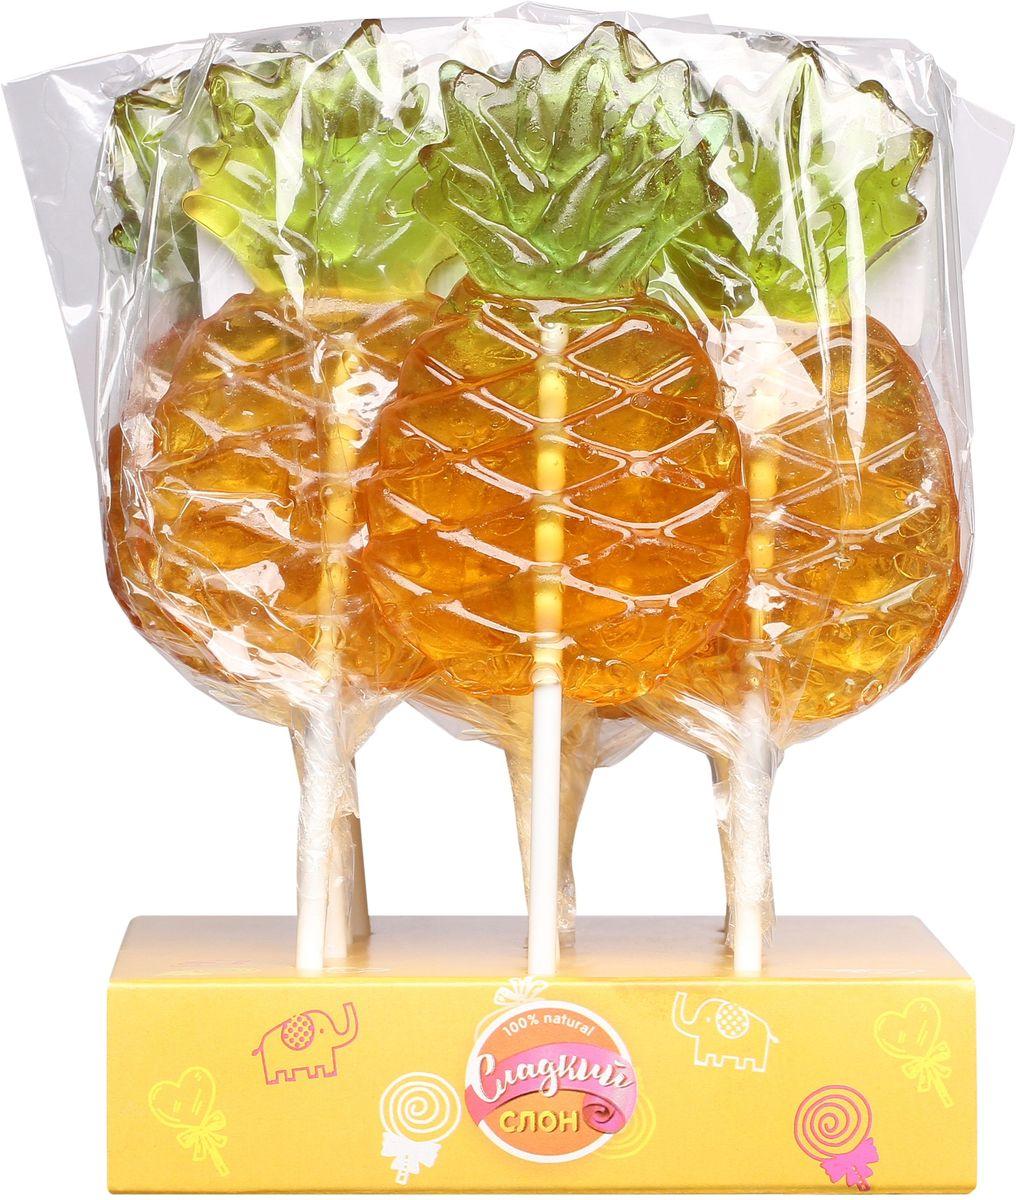 Сладкий слон карамель леденцовая ананас ассорти, 30 г4670013498062Сочный ананас на палочке - солнечное настроение!